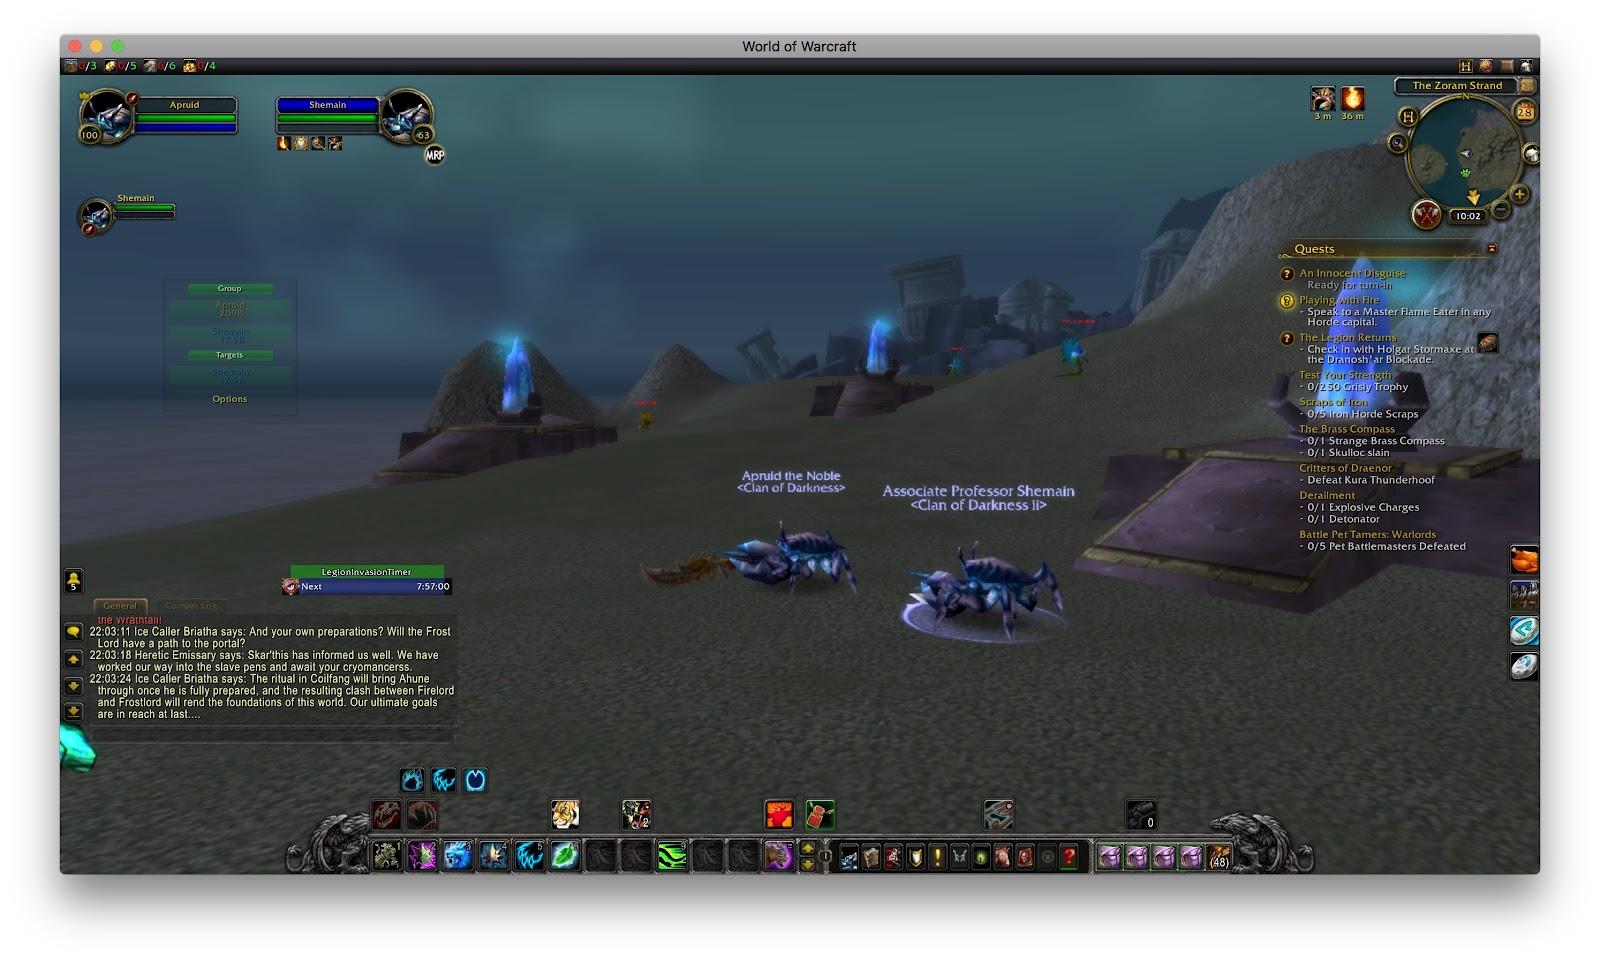 Screenshot 2017-06-28 22.03.36.jpg